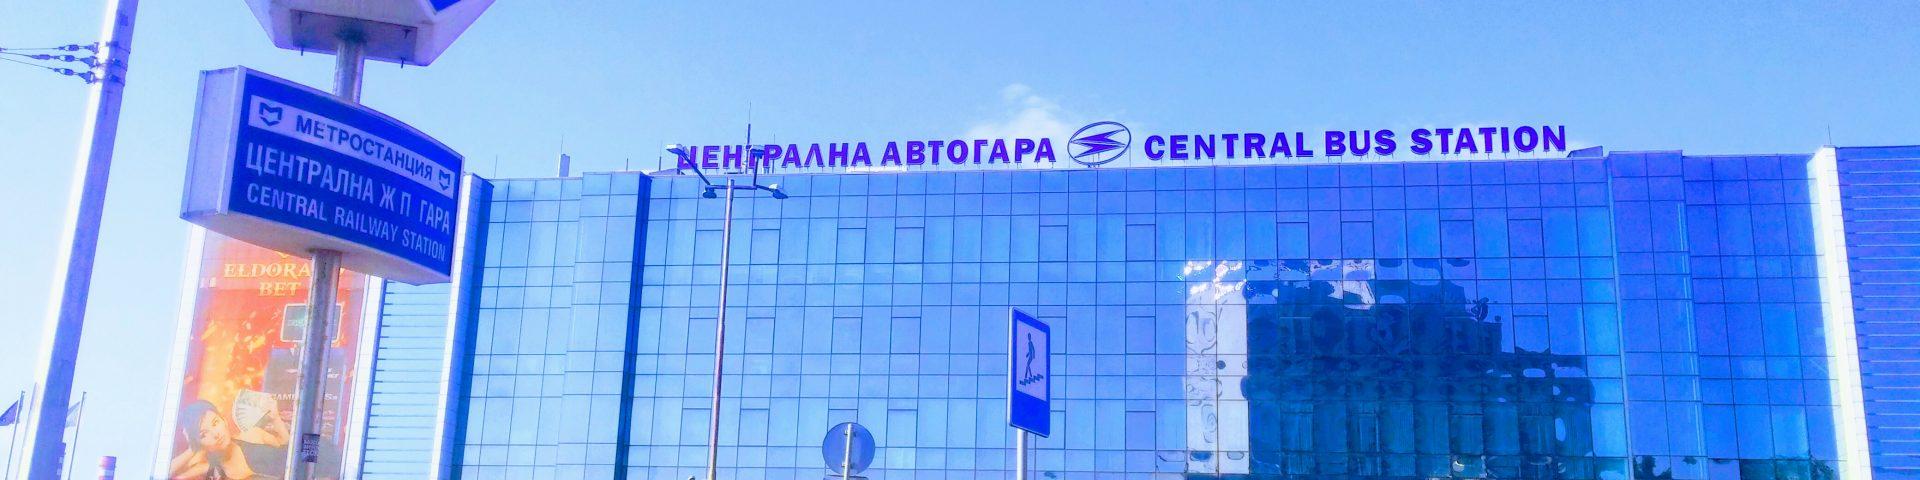 Автогара София_Автовокзал в Софии